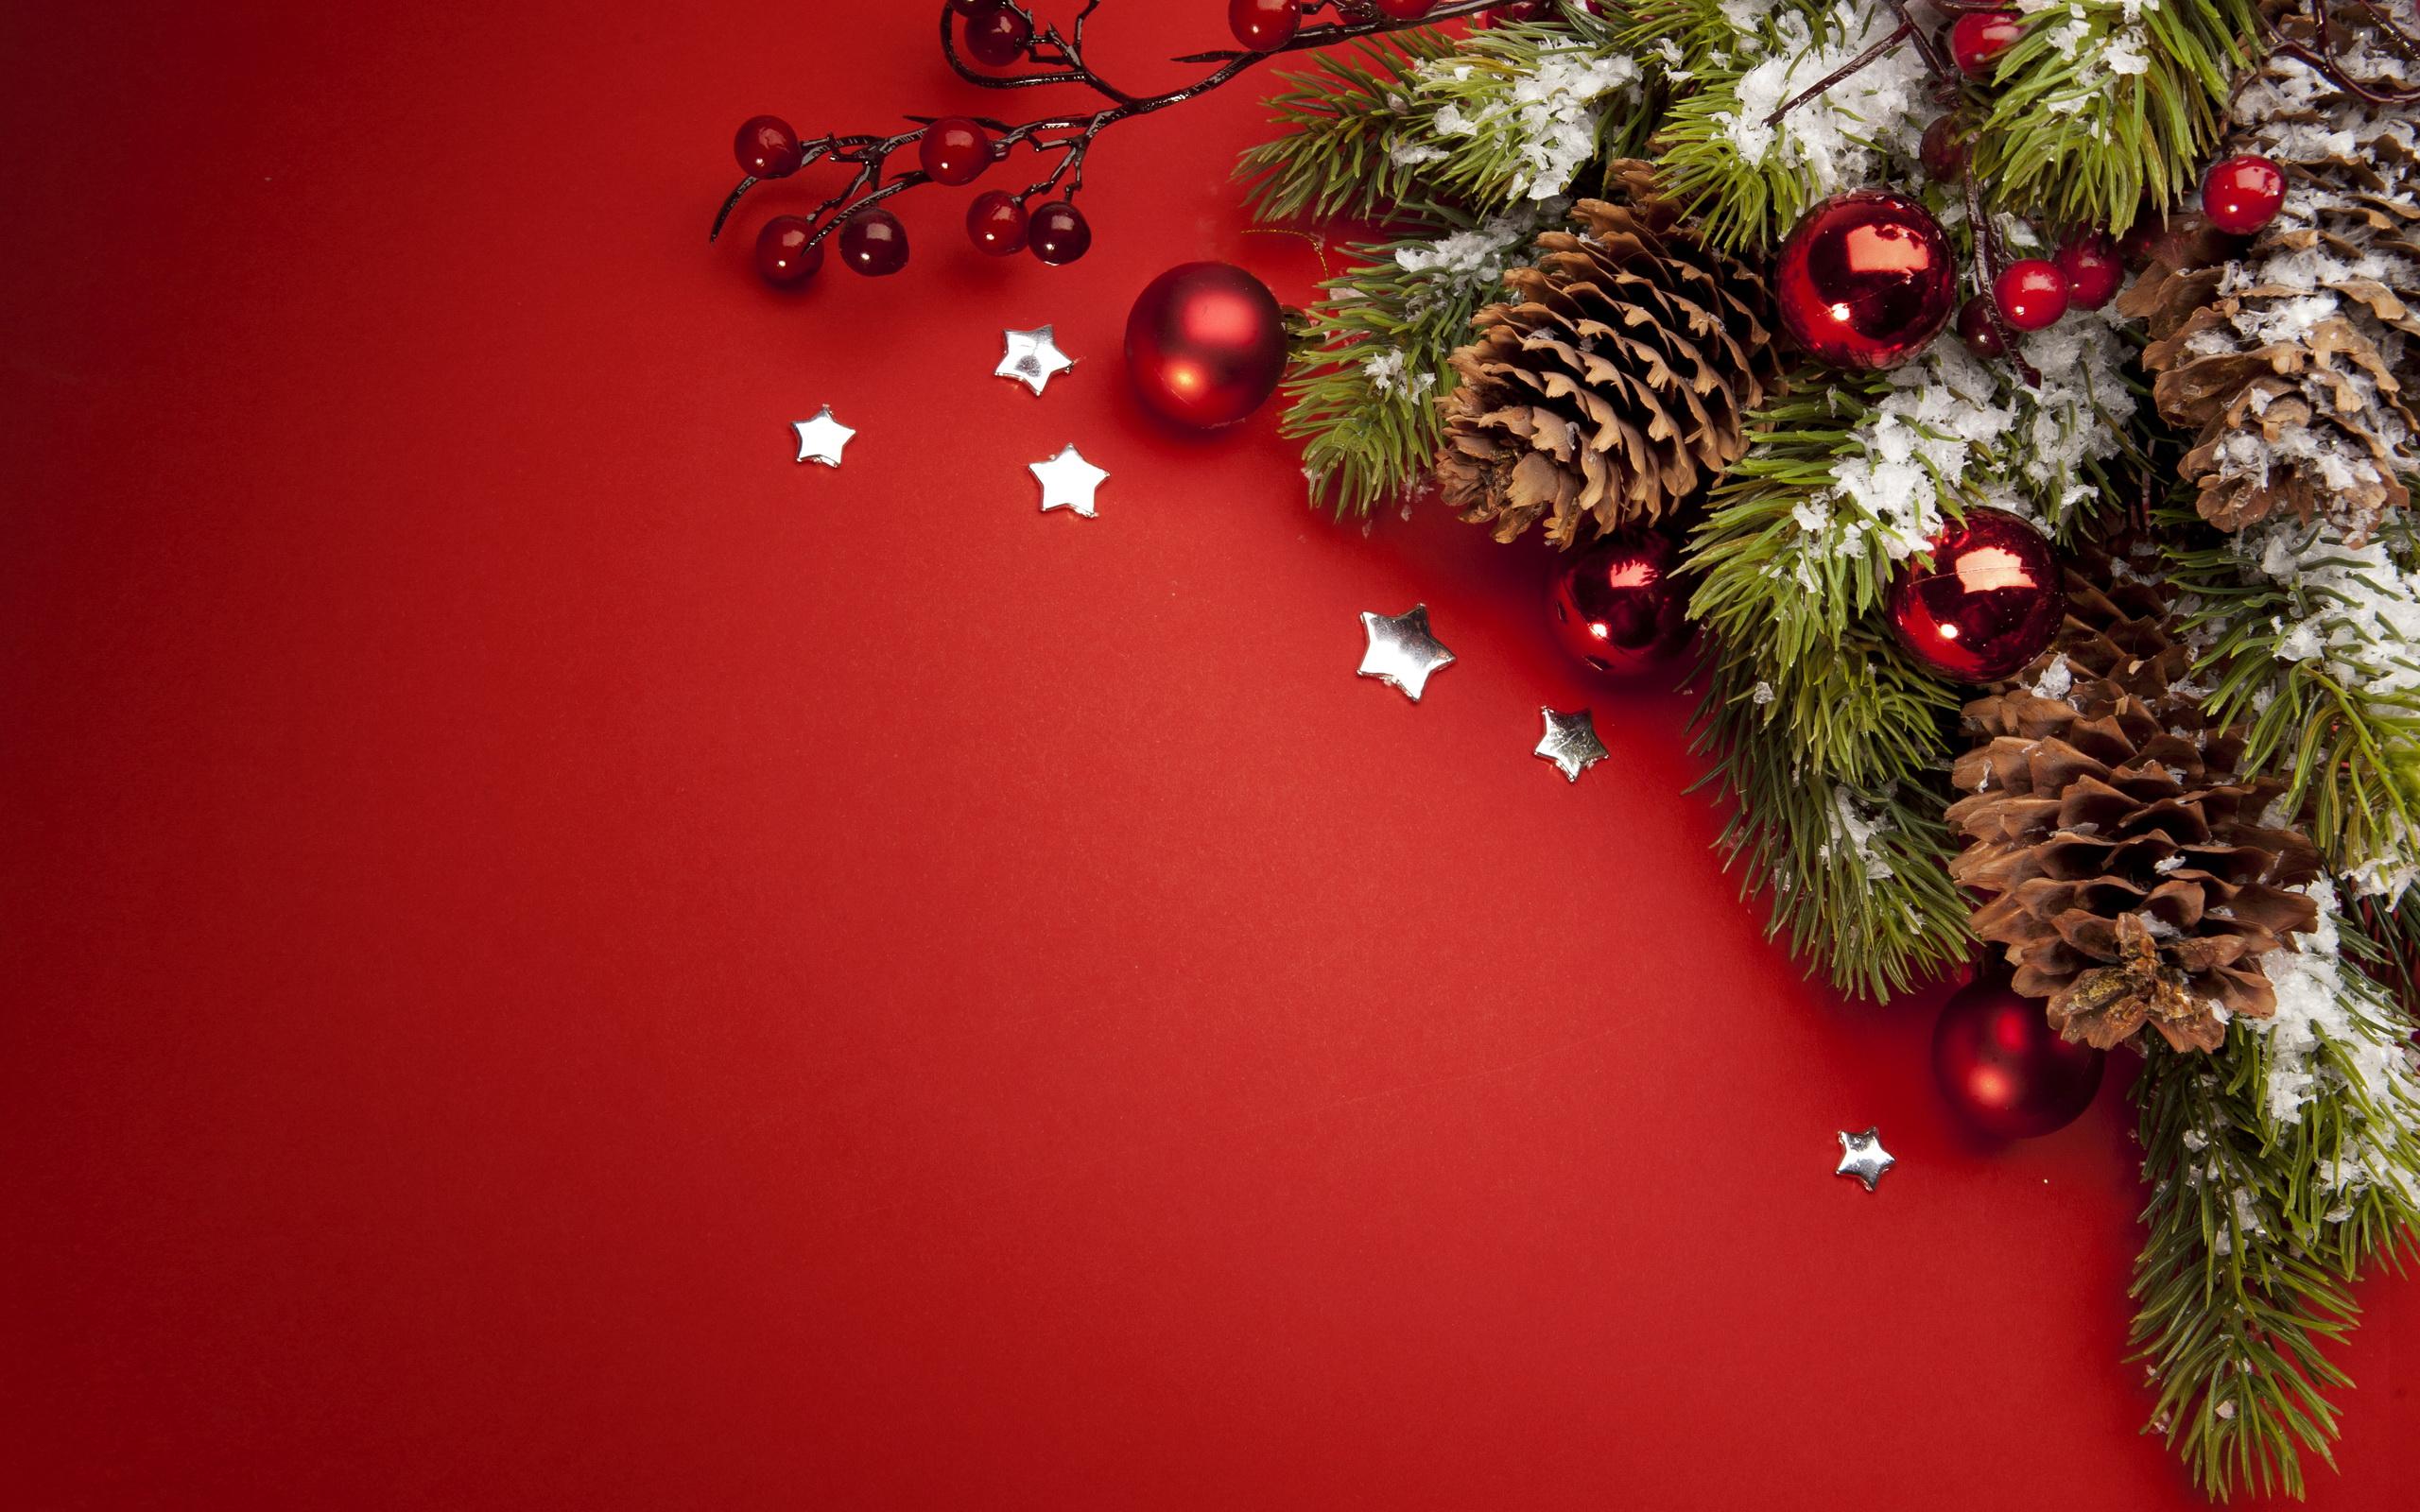 Ель украшения звезда Spruce decoration star без смс